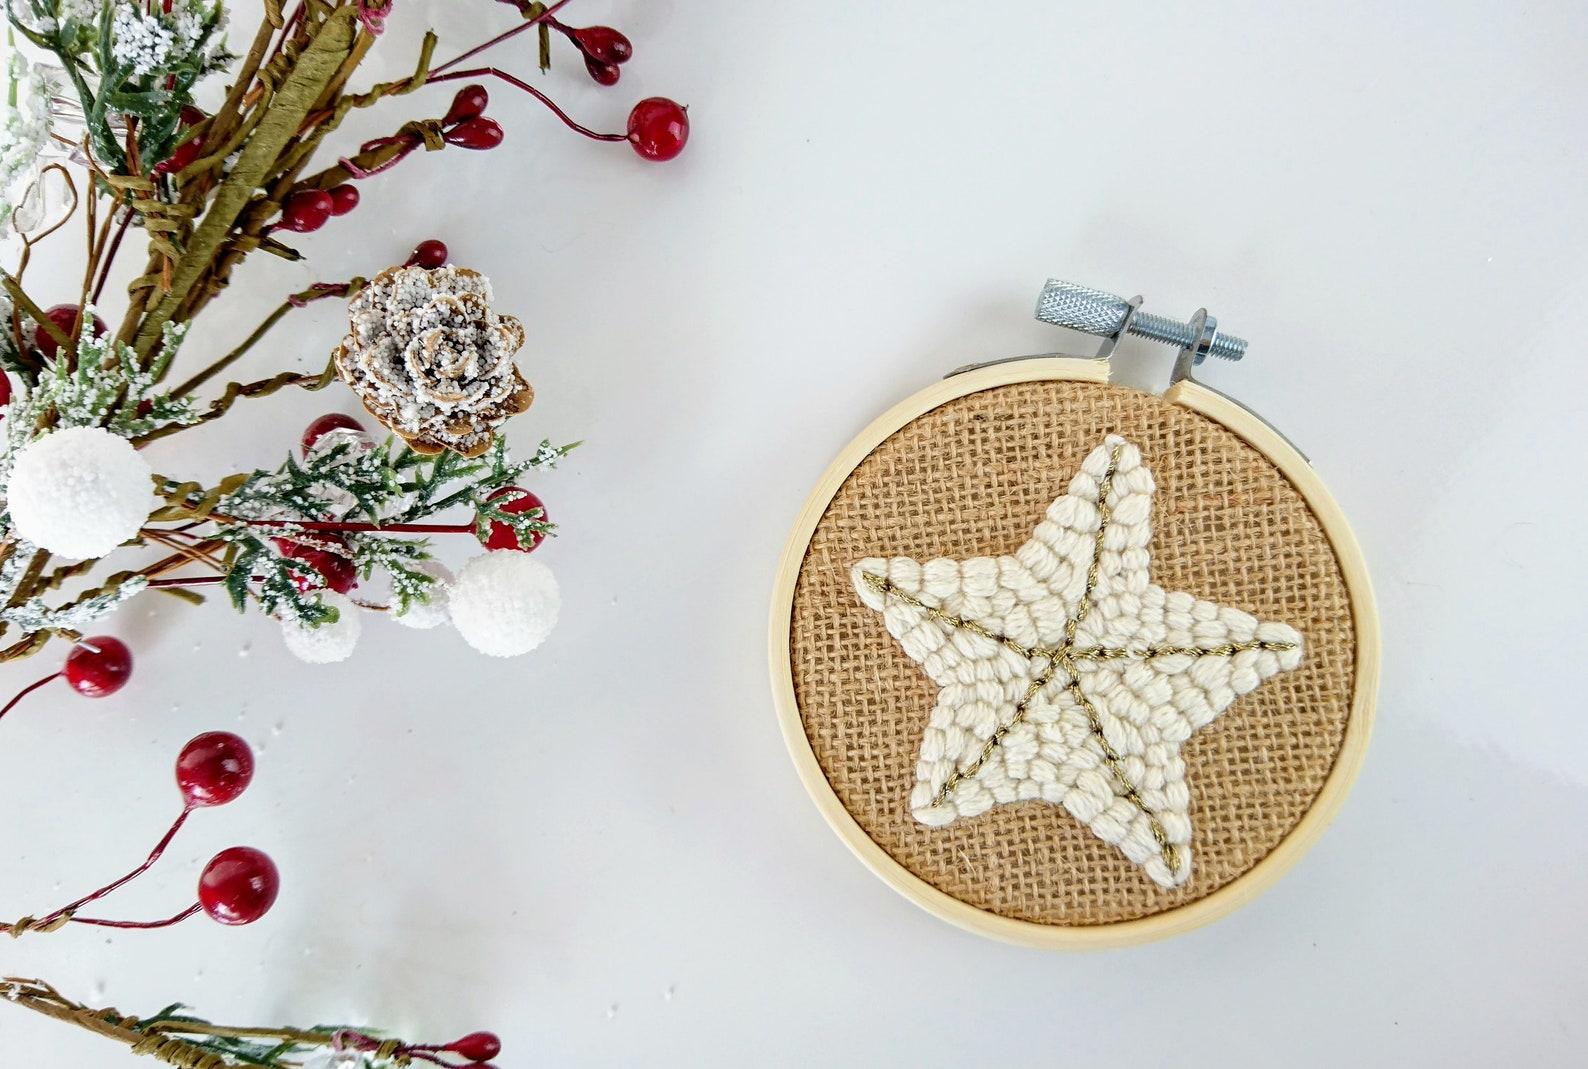 Étoile. Suspension pour le sapin de Noël en Punch needle. Déco Noël. Décoration murale. Christmas decor. Tambour en broderie. Cadeau noel - La minute déco